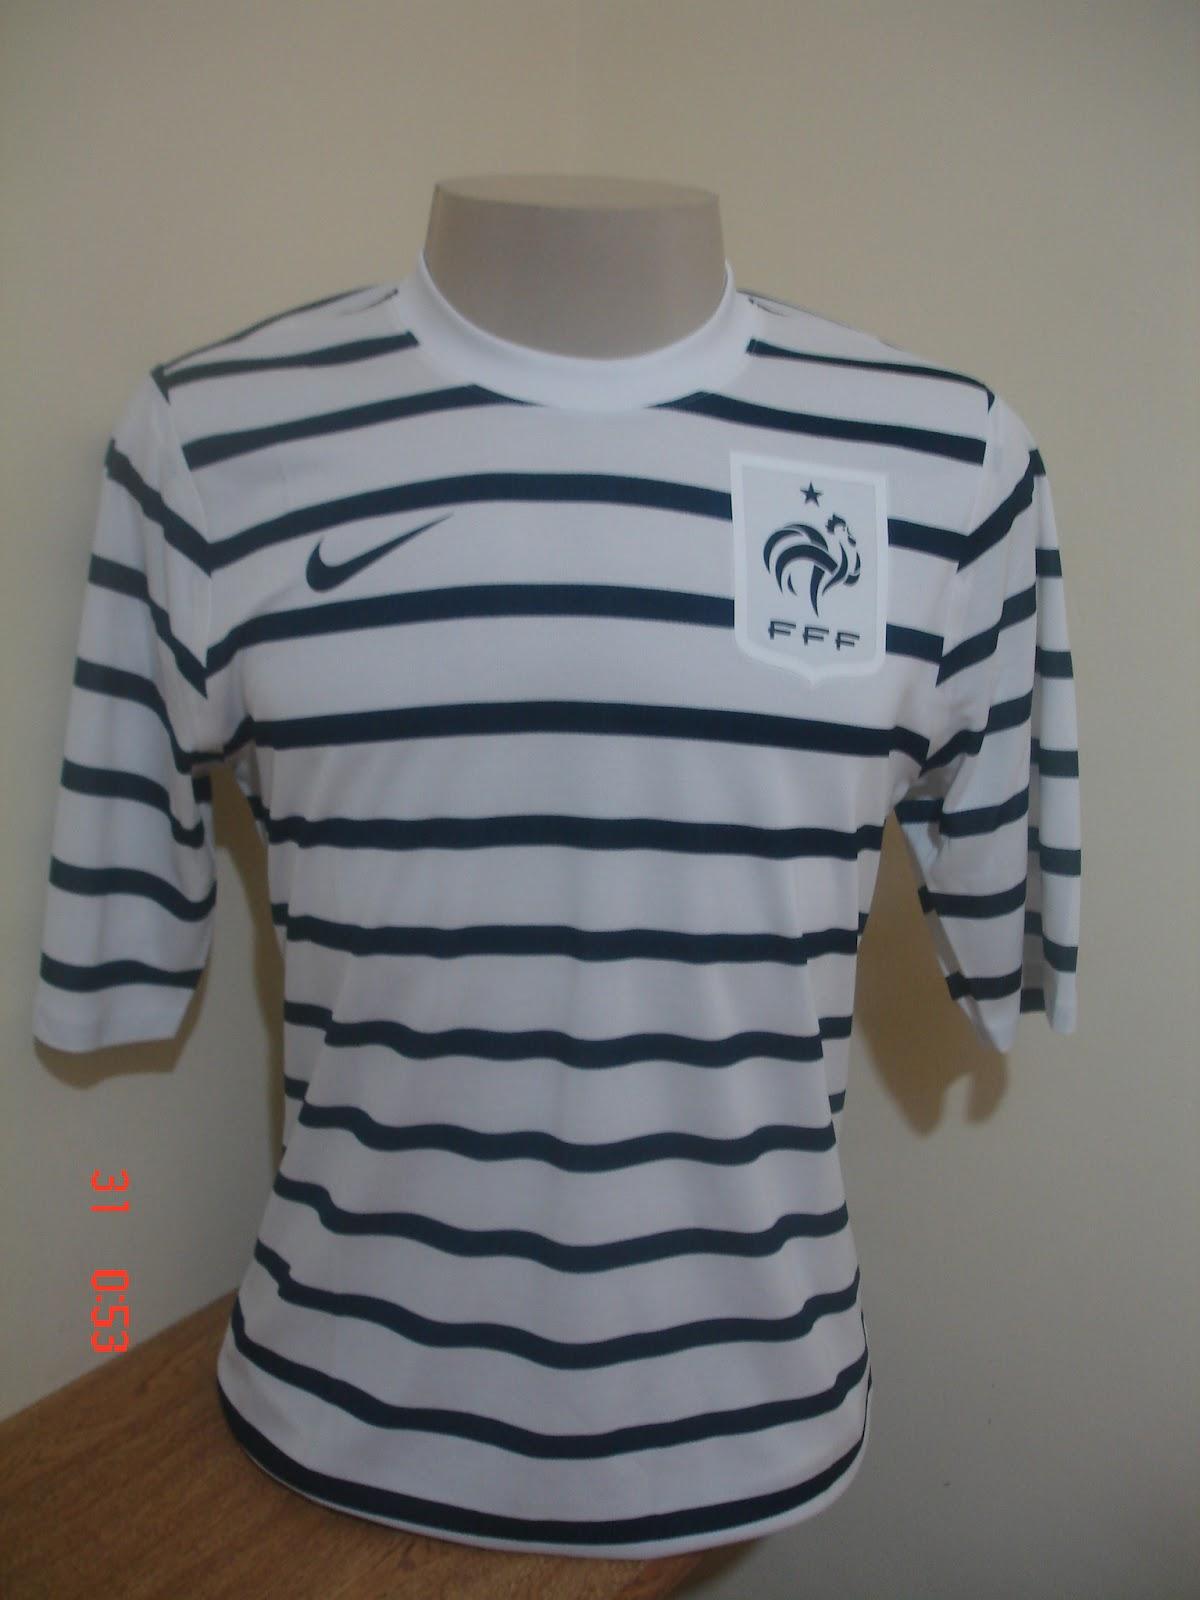 3bb6a5c101 Ontem o Corinthians lançou a sua nova camisa para a temporada 2012. A camisa  é simples e a novidade é marca d´agua com o território do Estado de São  Paulo.